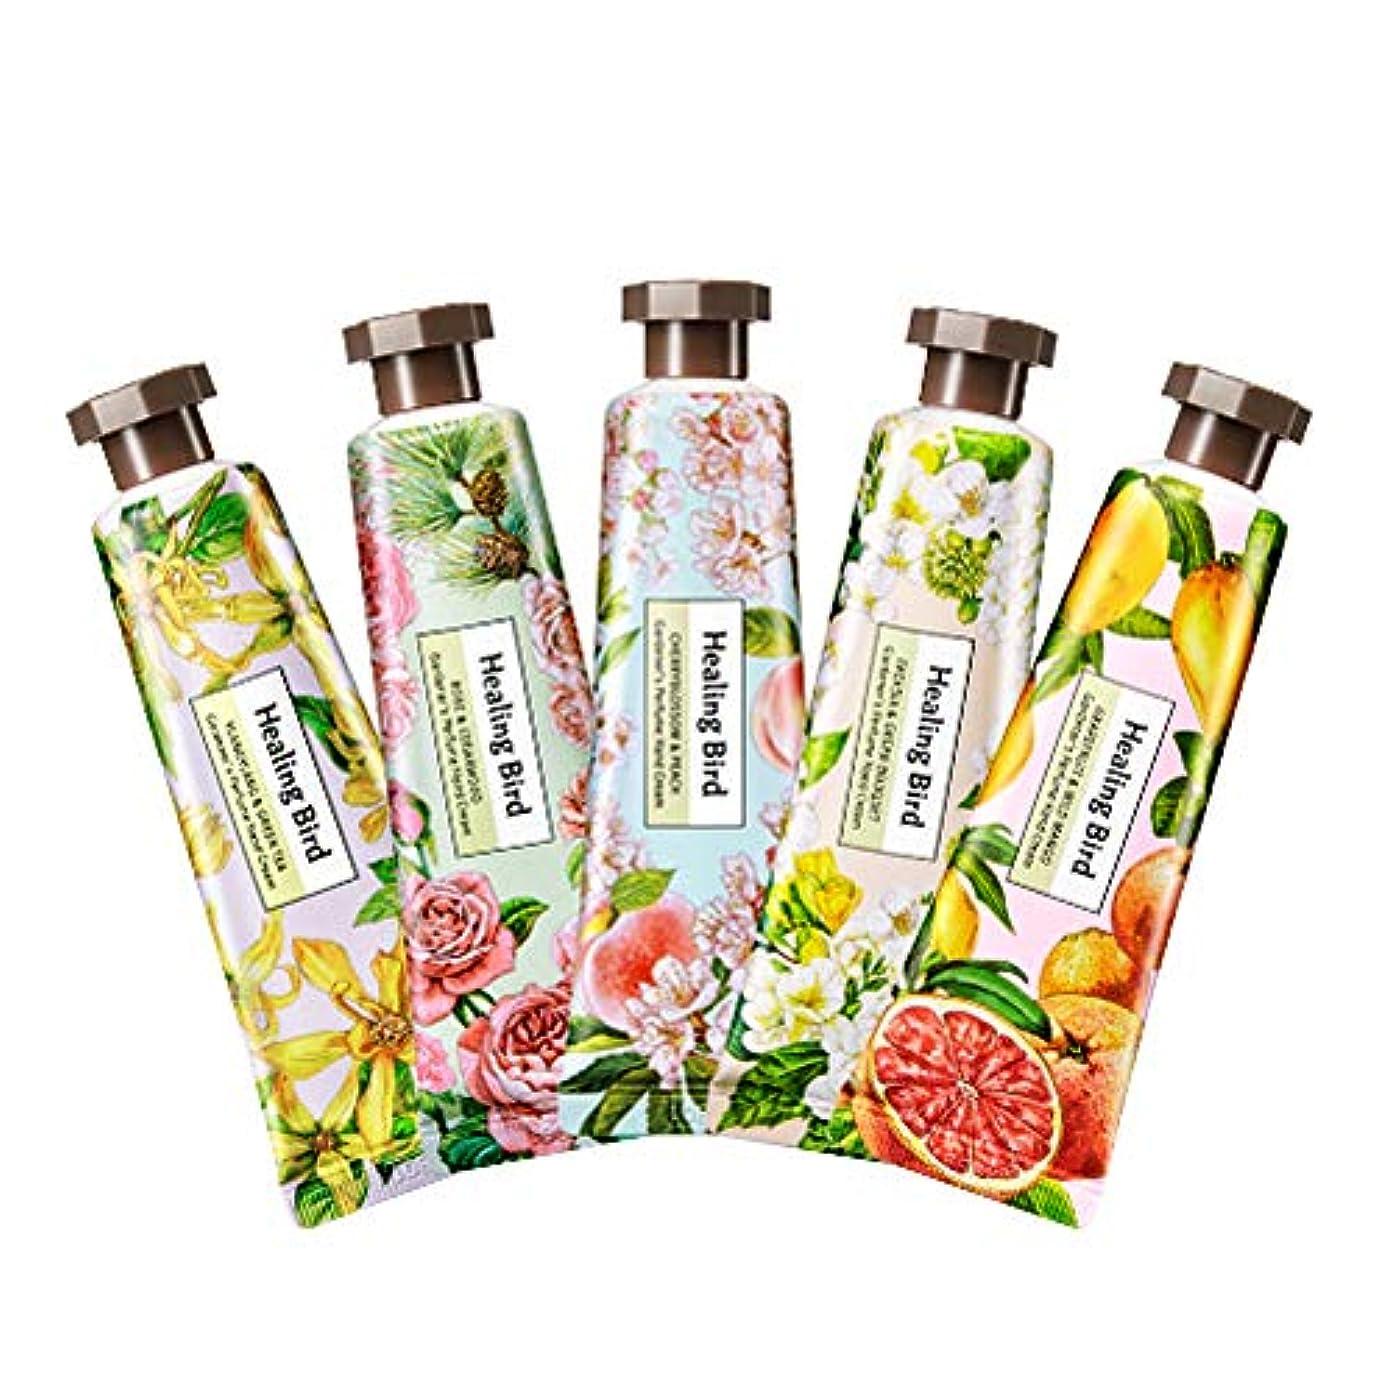 前にひらめきマラソンHealing Bird Gardener's Perfume Hand Cream 30ml ヒーリングバード カドゥノスパヒュームハンドクリーム (Fressia & Green Bouquet) [並行輸入品]